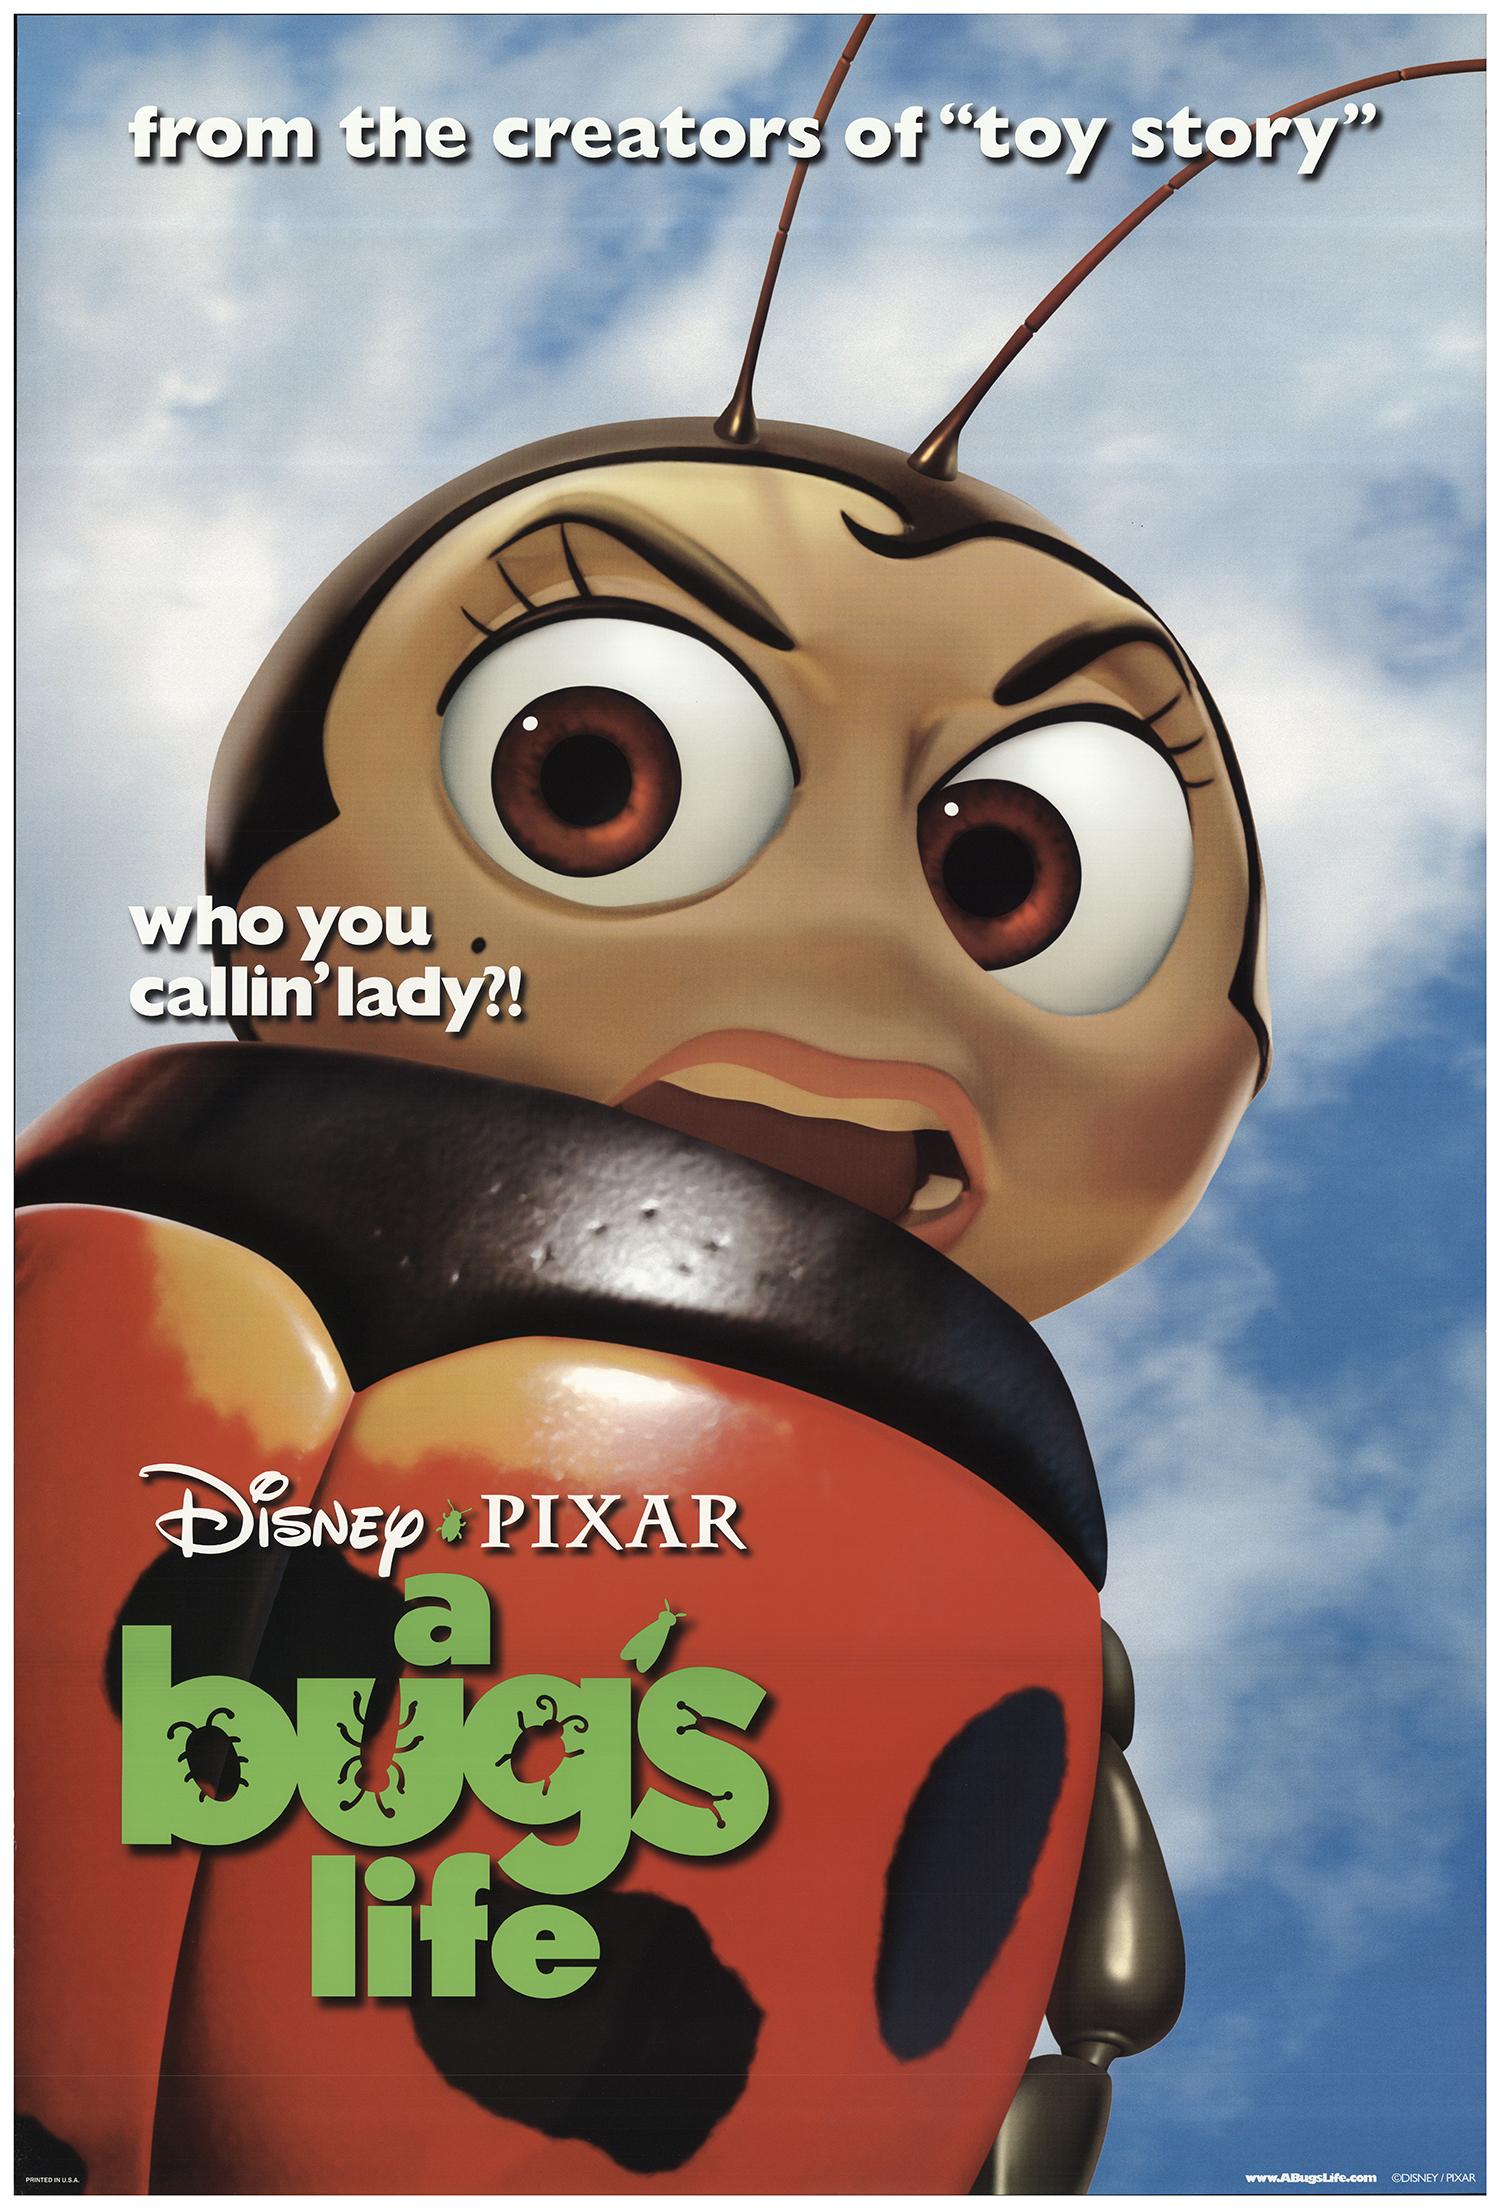 A Bug S Life 1998 Original Movie Poster Fff 73408 Fffmovieposters Com